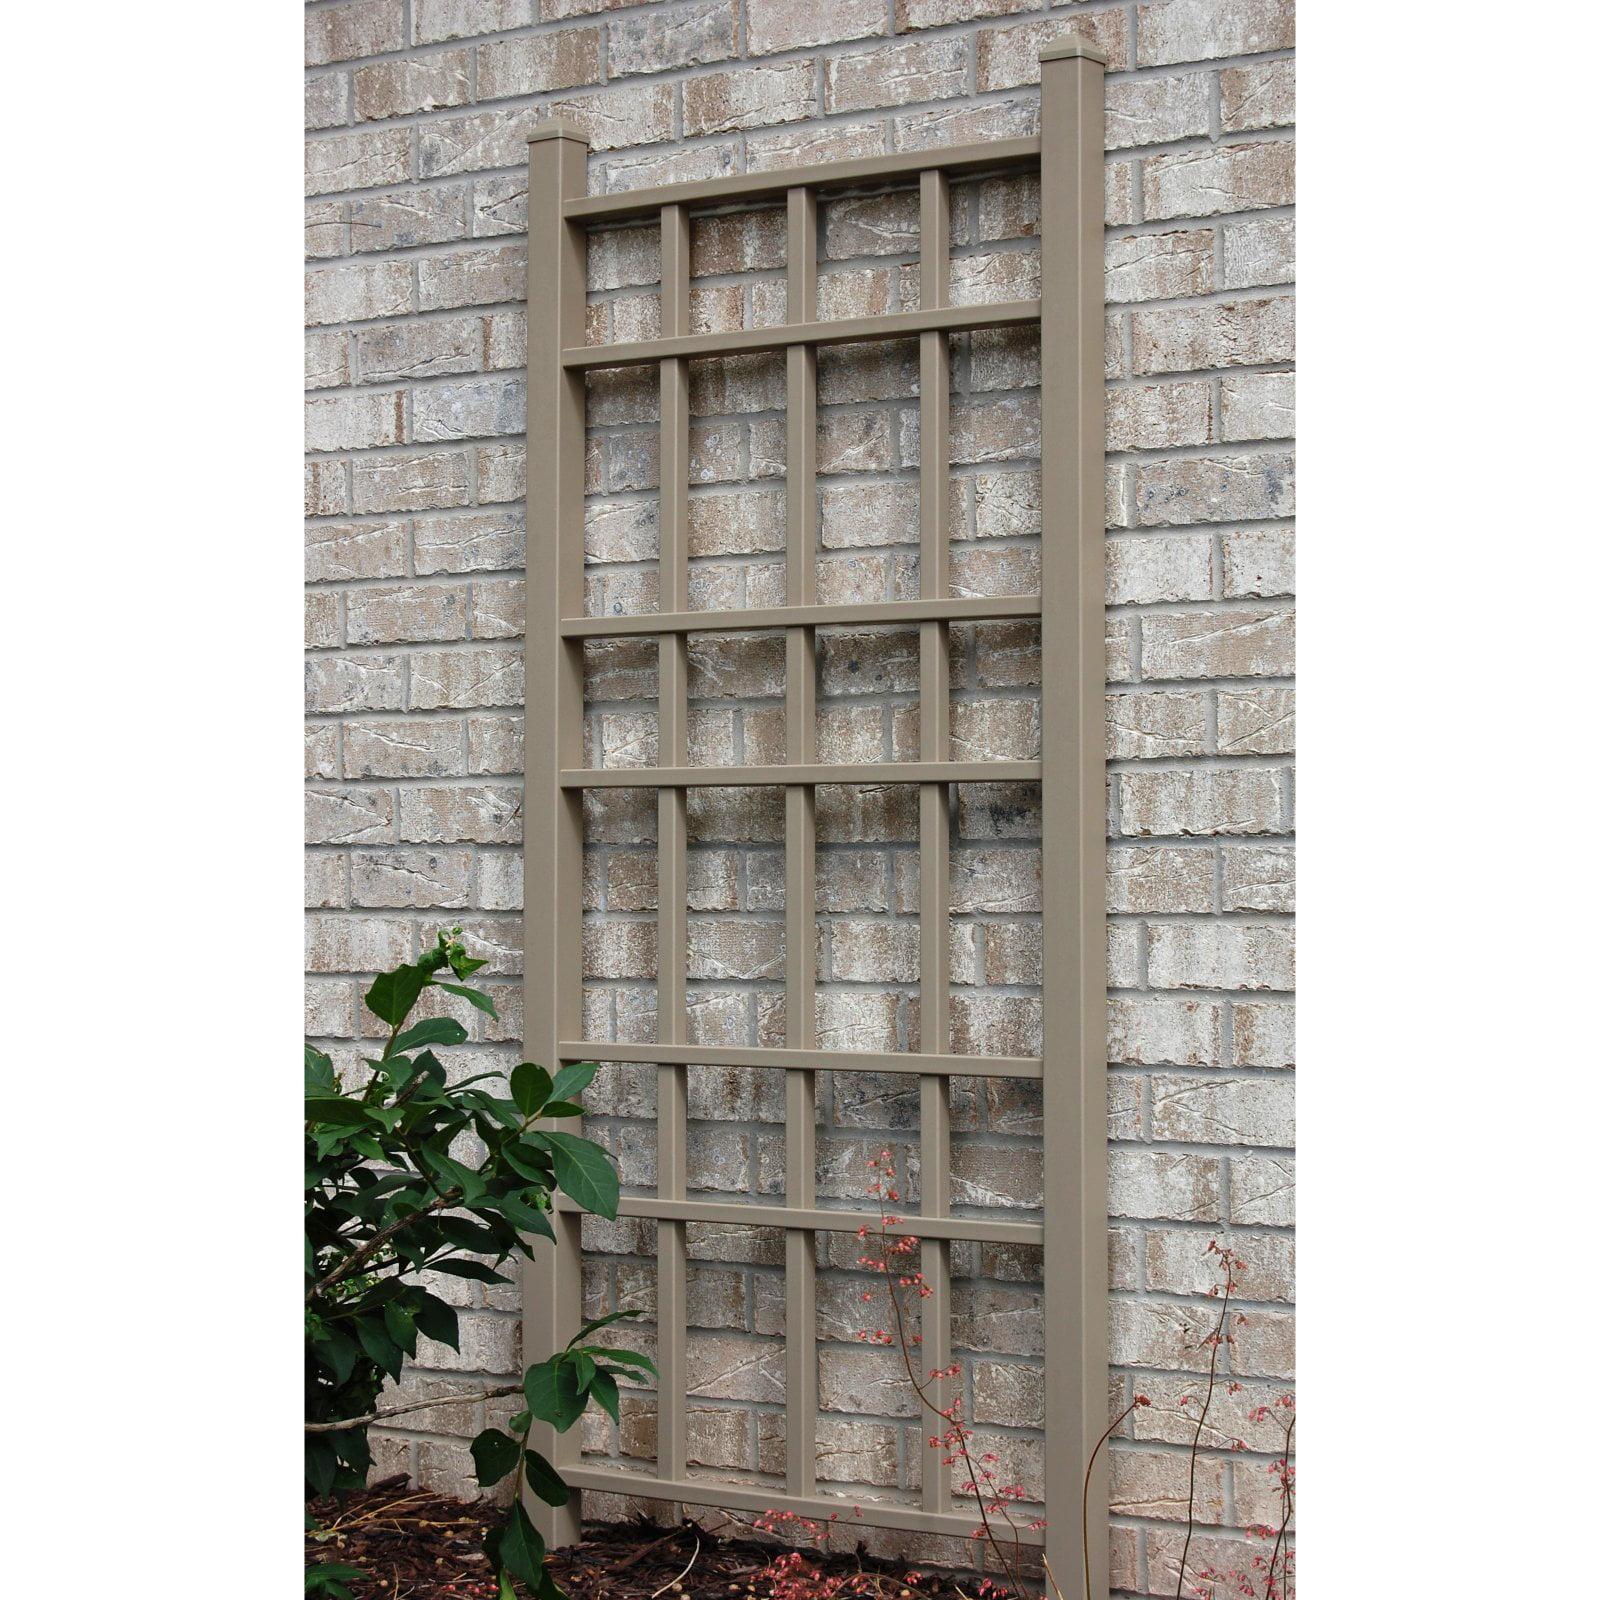 Dura-Trel Cottage 5.5-ft. Vinyl Wall Trellis - Mocha